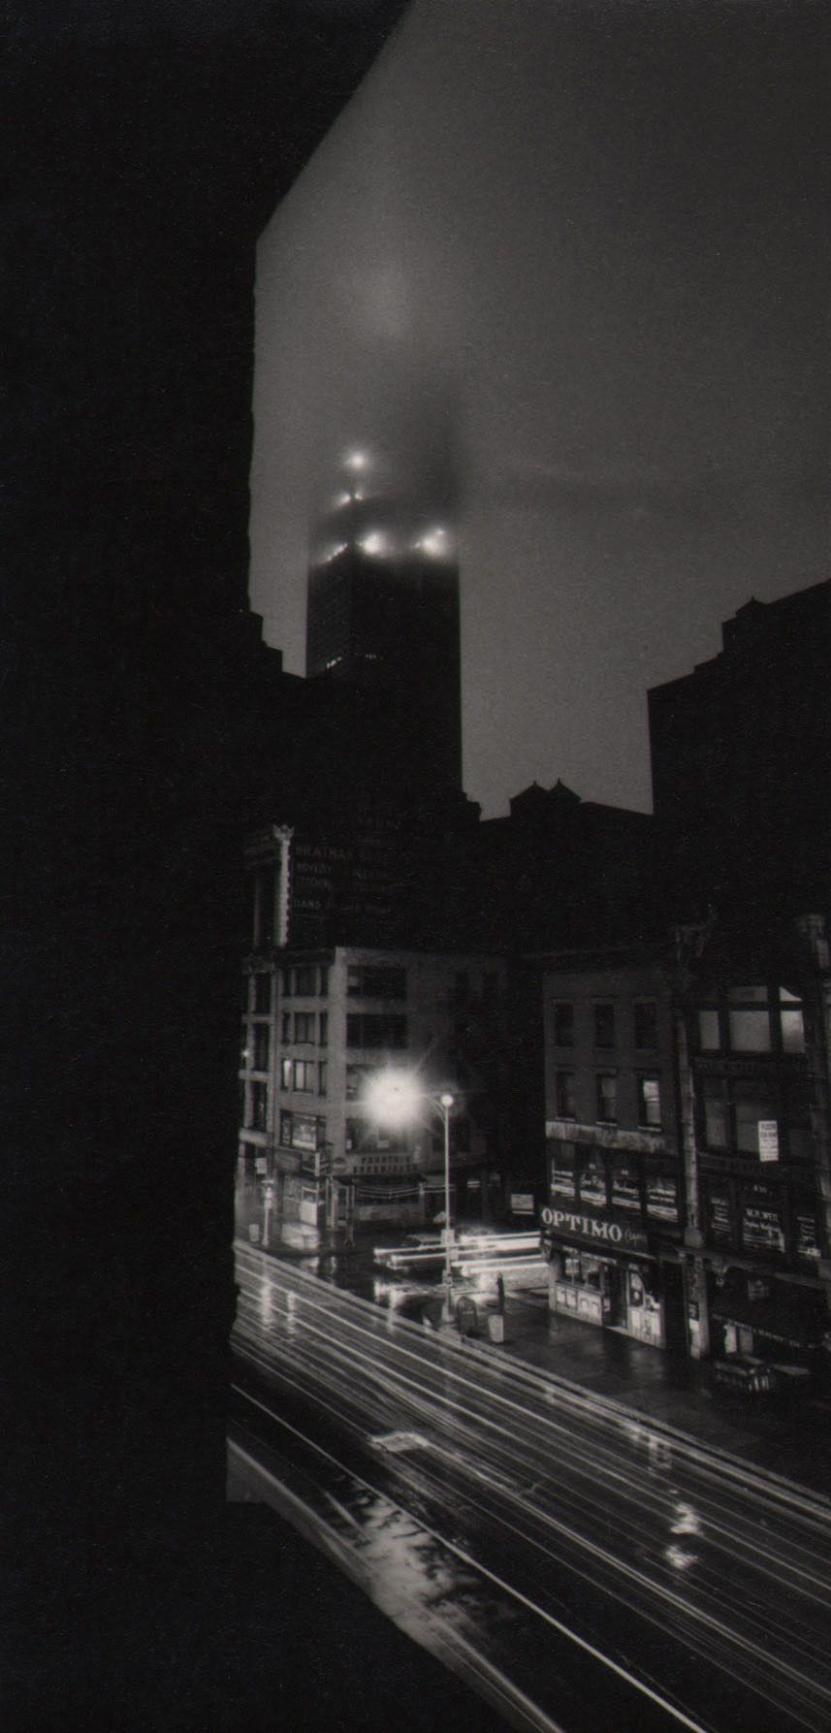 W. Eugene Smith, As From My Window I Sometimes Glance, 1957–1958